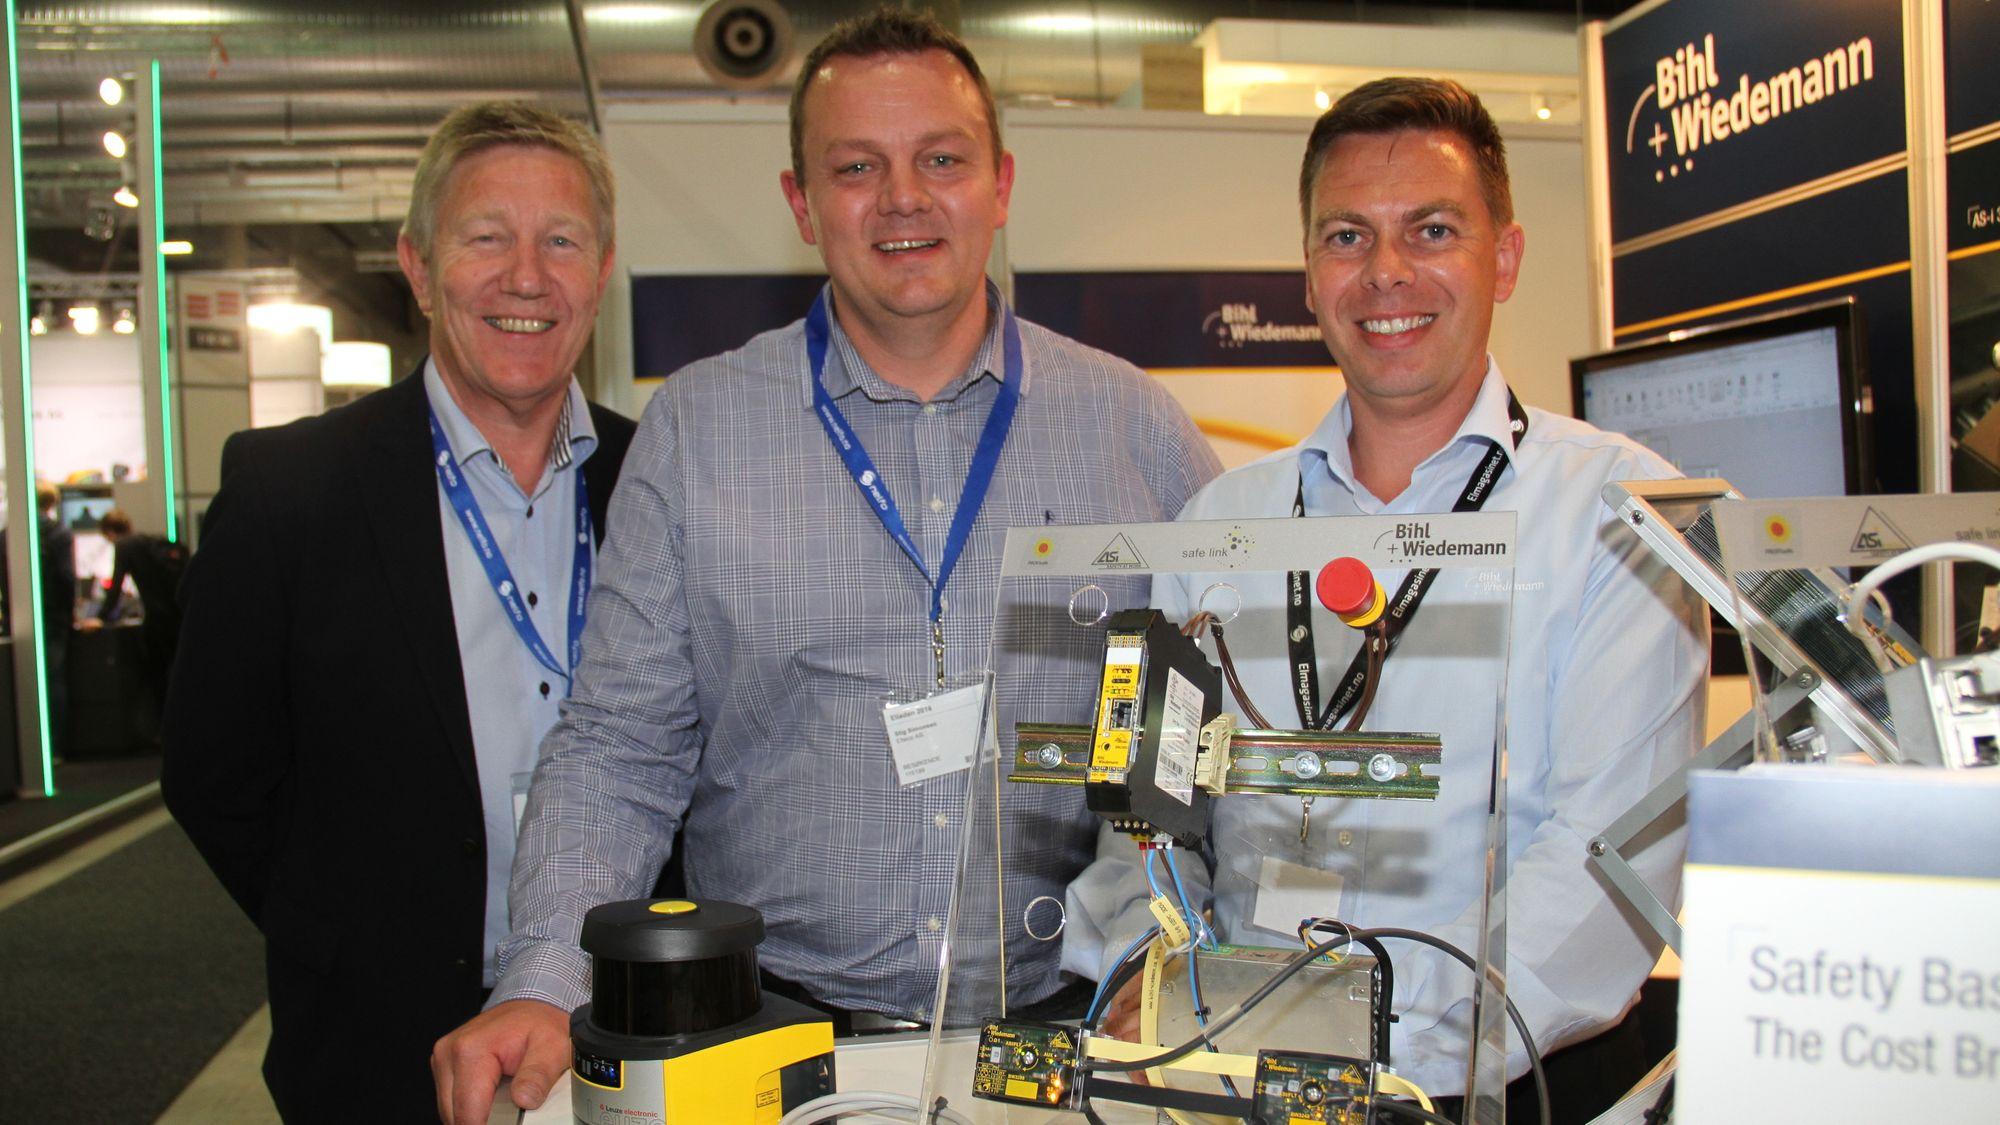 Fra venstre, Svein Holla og Stig Simonsen, begge fra Elteco og Jan Efland fra Bihl+Wiedemann foran et system bygget opp som resultat av partnerskapet. Et Eltecoprodukt fra Leutze koplet mot en distributør fra Bihl+Wiedemann.